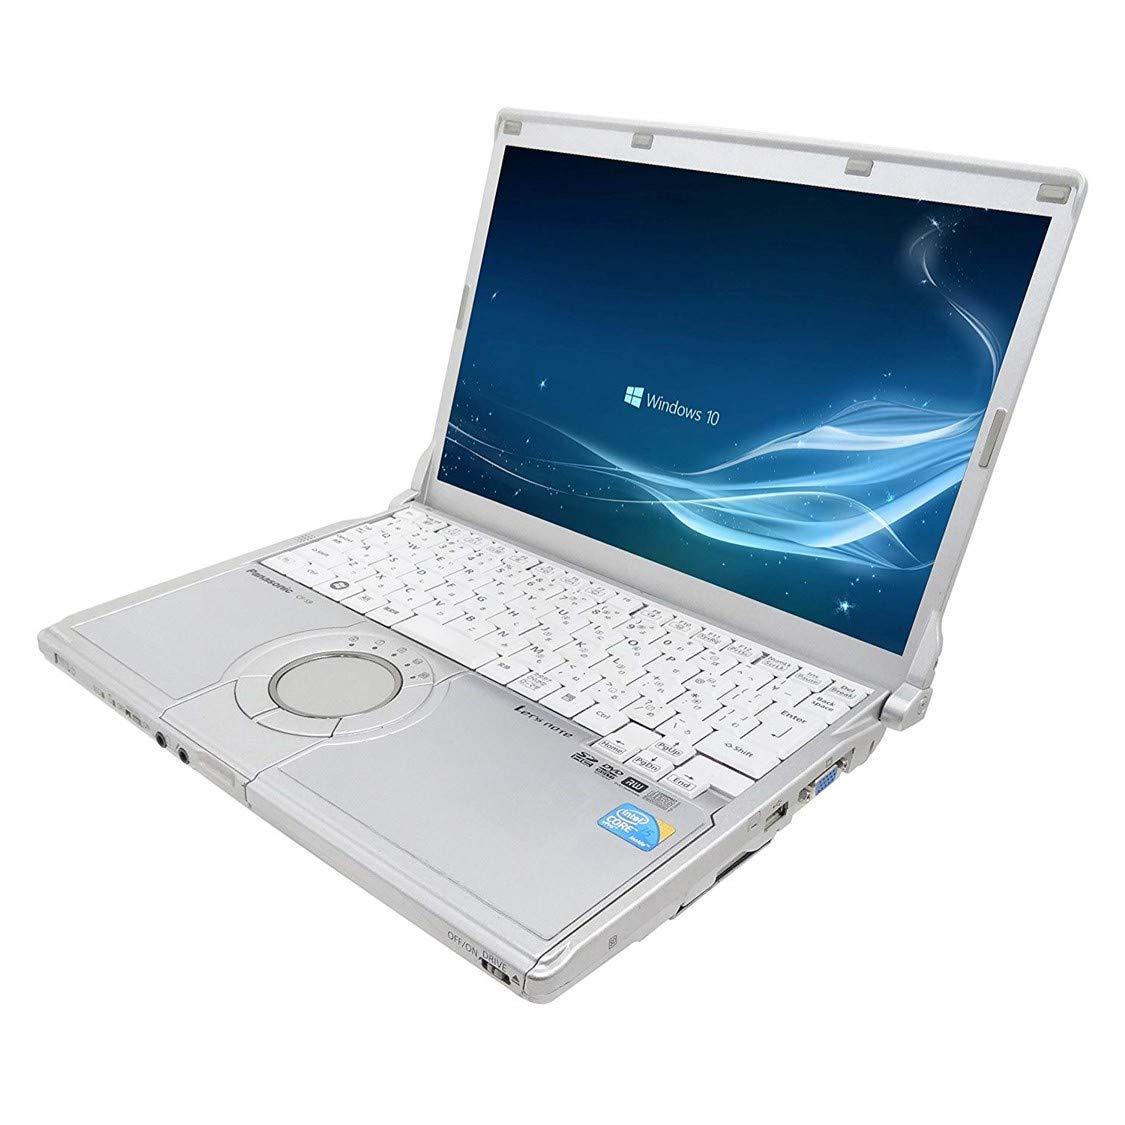 【正規品質保証】 【Microsoft Office 2016搭載】 2016搭載】【Win【Win 新品SSD:240GB 10搭載 10搭載】Panasonic】Panasonic CF-S9/新世代Core i5 2.66GHz/メモリ4GB/新品SSD:240GB/DVDスーパーマルチ/12.1インチ/無線LAN搭載/中古ノートパソコン (新品SSD:240GB) B01MQDXSEJ 新品SSD:240GB, BAGHOUSE:130222d3 --- ciadaterra.com